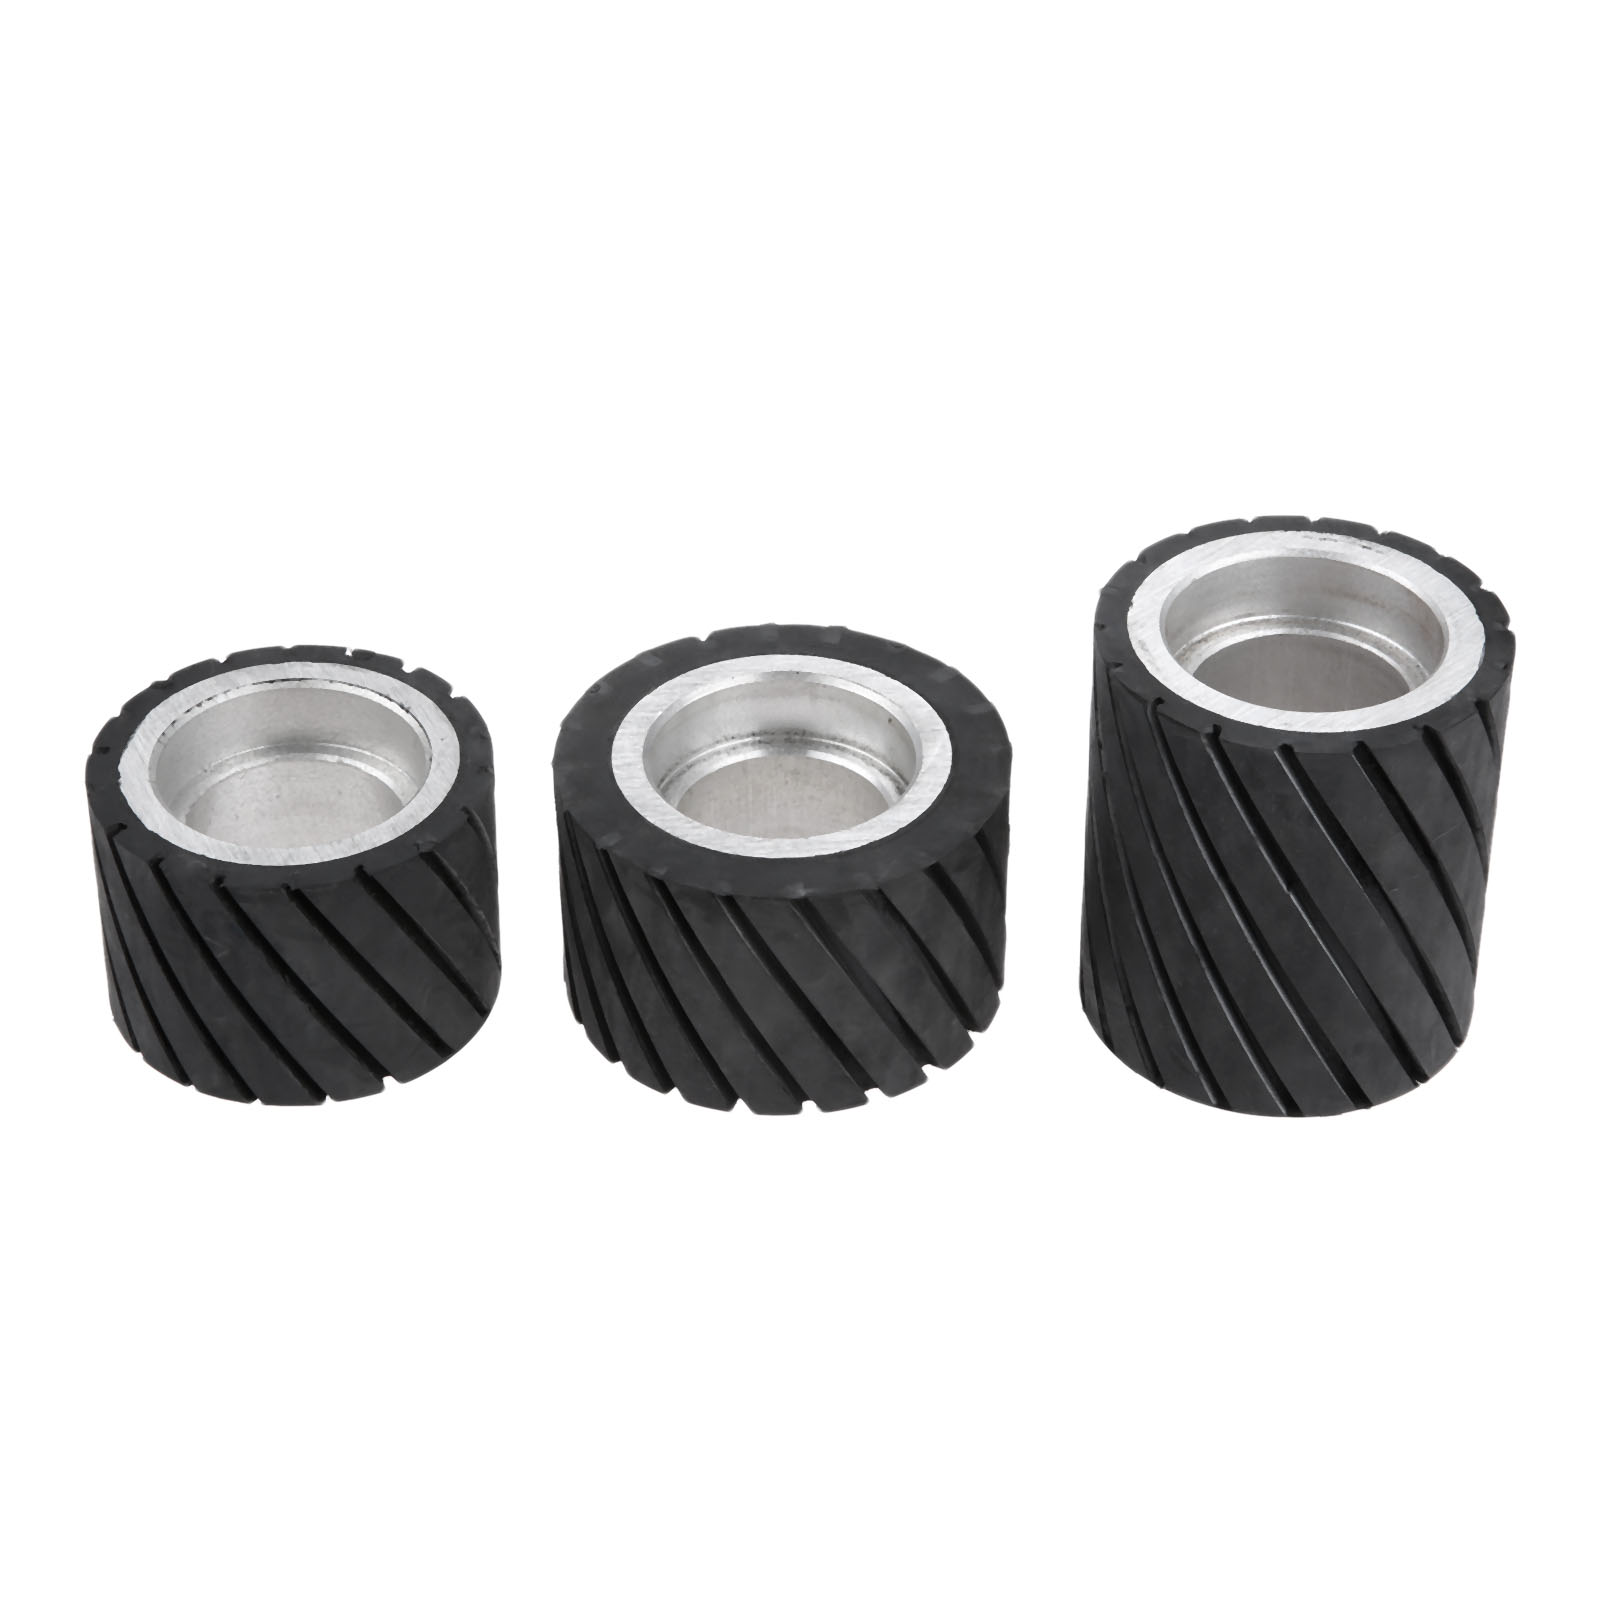 70x50mm 80x50mm 70x80mm Belt Grinder Rubber Contact Wheel Abrasive Sanding Belt Set Polishing Grinder Sanding Contact Wheel Belt